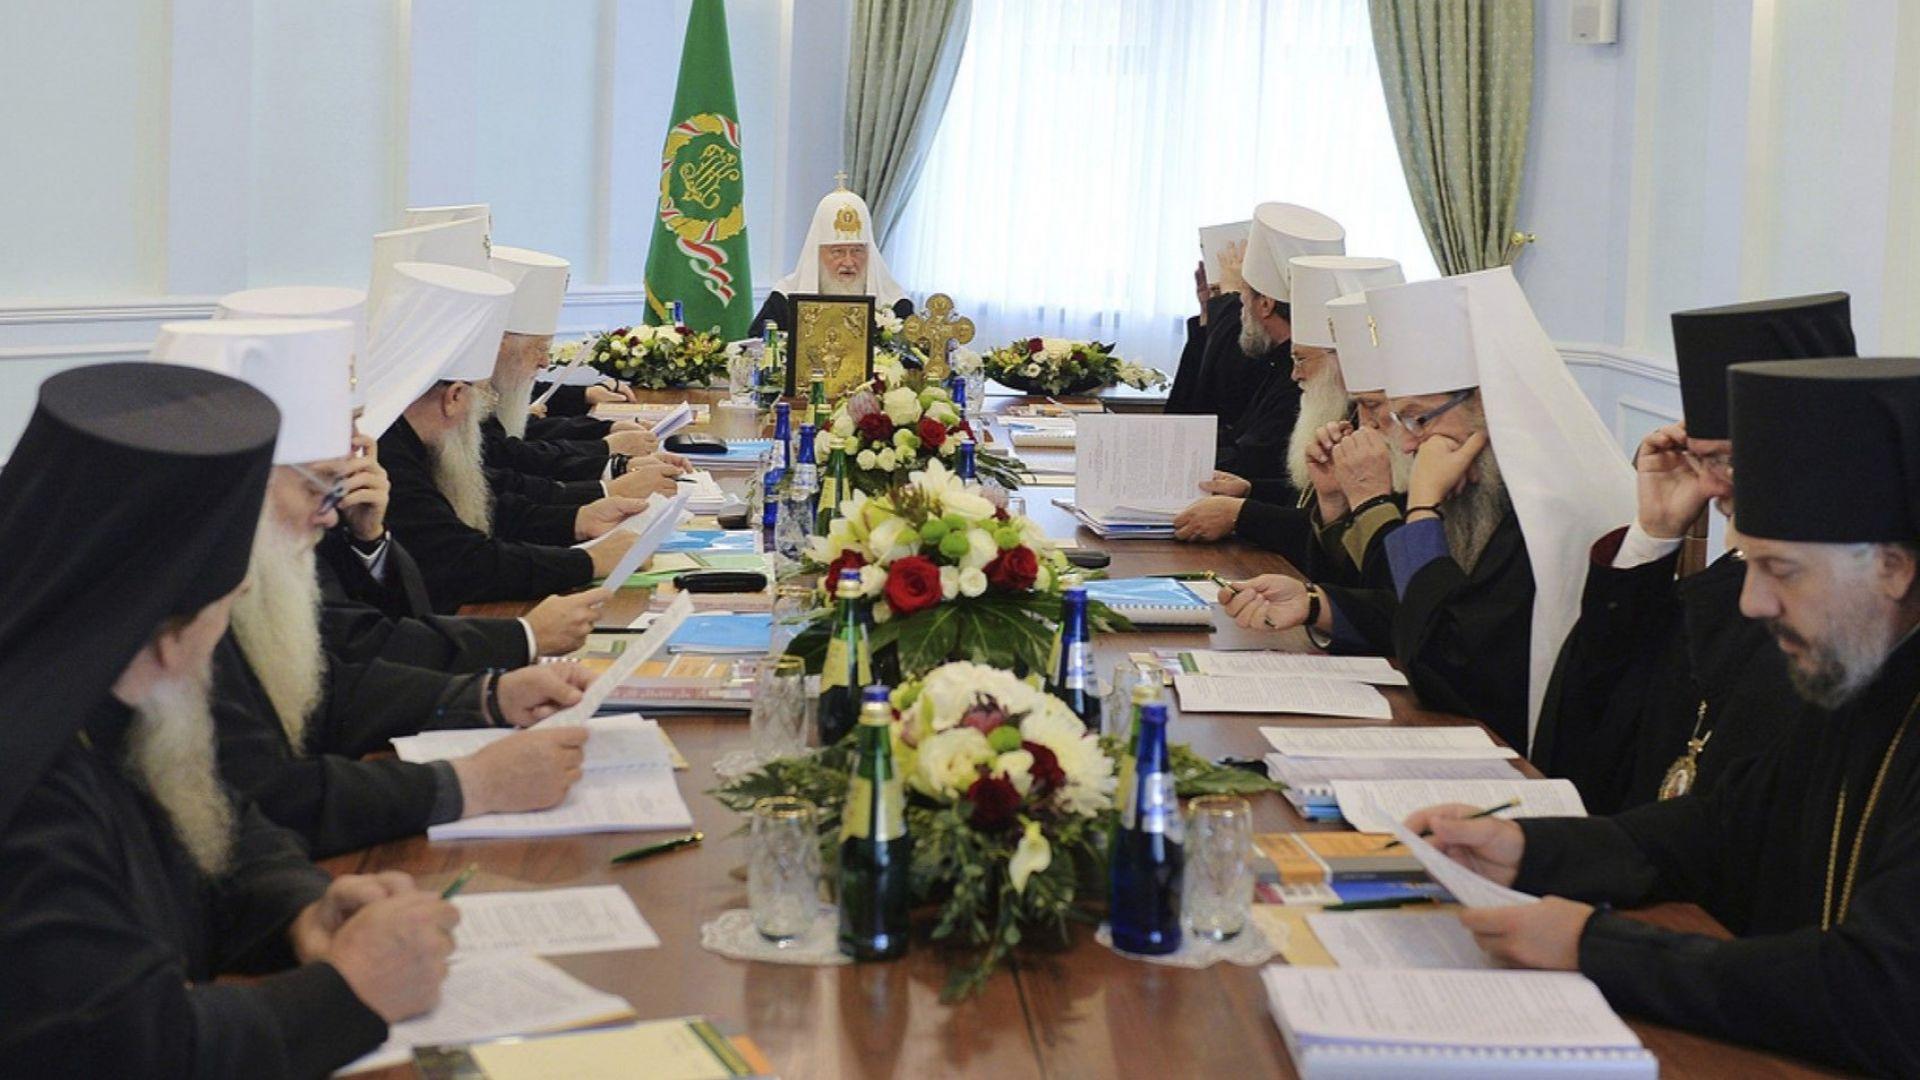 Синодът на Руската православна църква (РПЦ) реши да прекрати изцяло